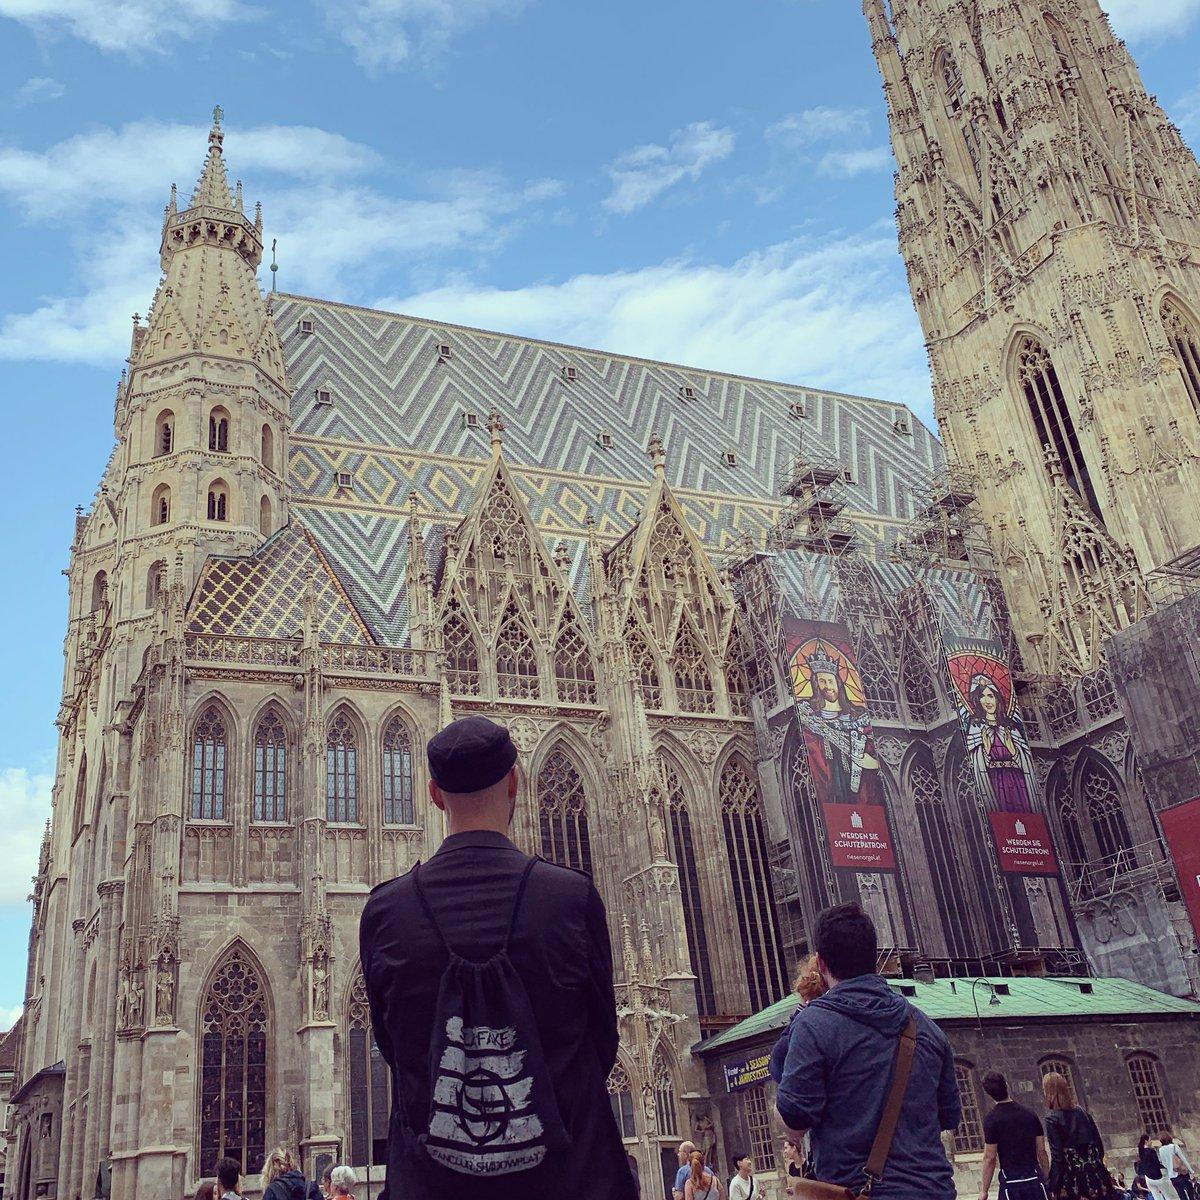 Aus der Reihe: Der Sack ist unterwegs! Shadowplay e. V. grüßt aus Wien!  Vielleicht finden wir hier gleich ein paar neue Mitglieder? Wer weiß... #shadowplay #shadowplay_ev #wien #vienna #stephansdom #solarfakeofficial #solarfake #zeraphine #zeraphinebandpic.twitter.com/FPDzSId104